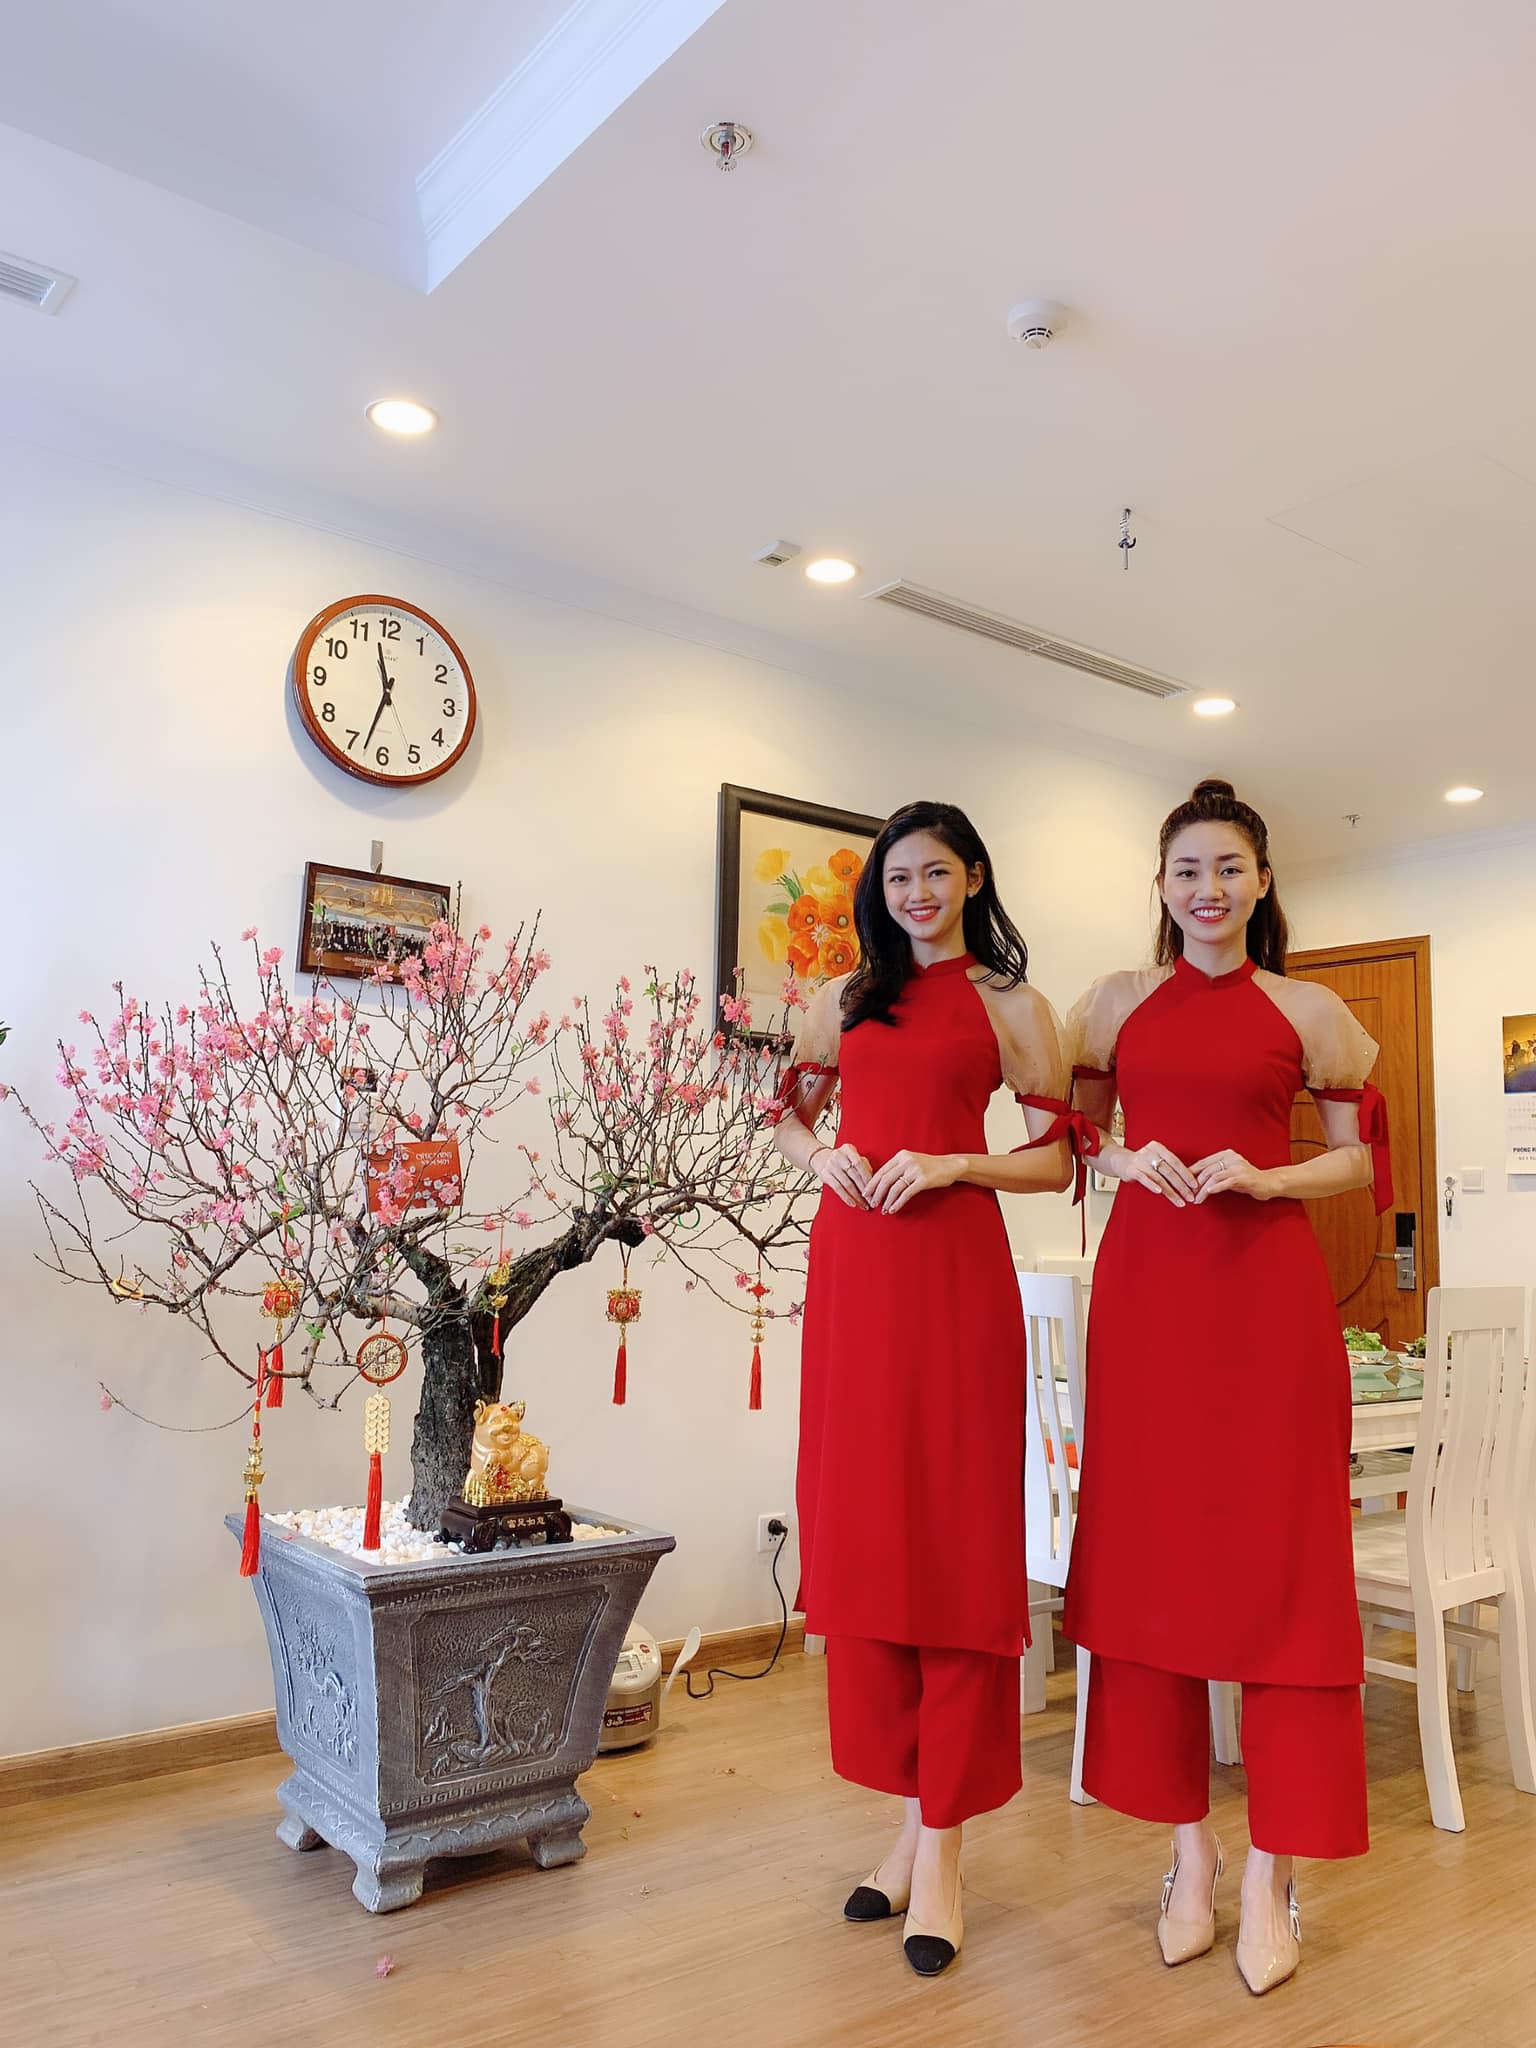 Tết đầu tiên bên gia đình chồng của mỹ nhân Việt: Người chứng minh đúng chuẩn vợ hiền dâu thảo, người xúng xính áo quần cùng chồng đi du xuân - Ảnh 11.